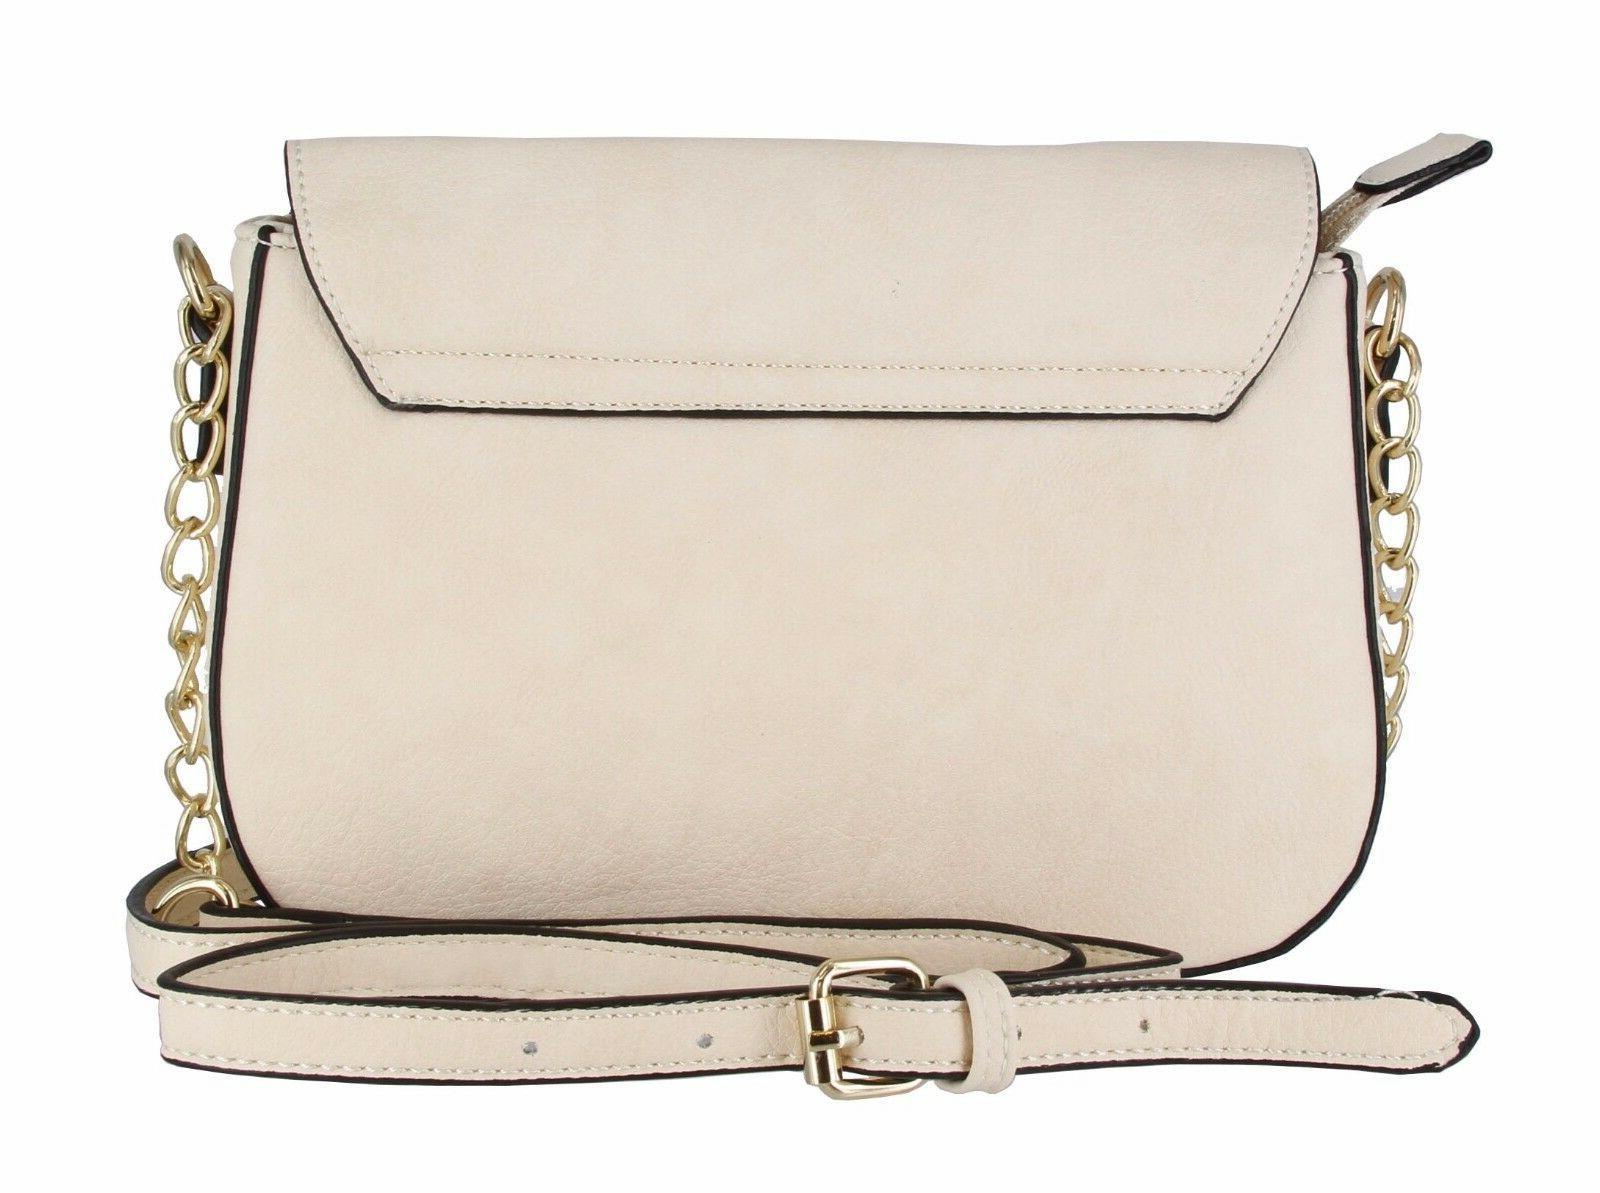 Alyssa Flap Bag